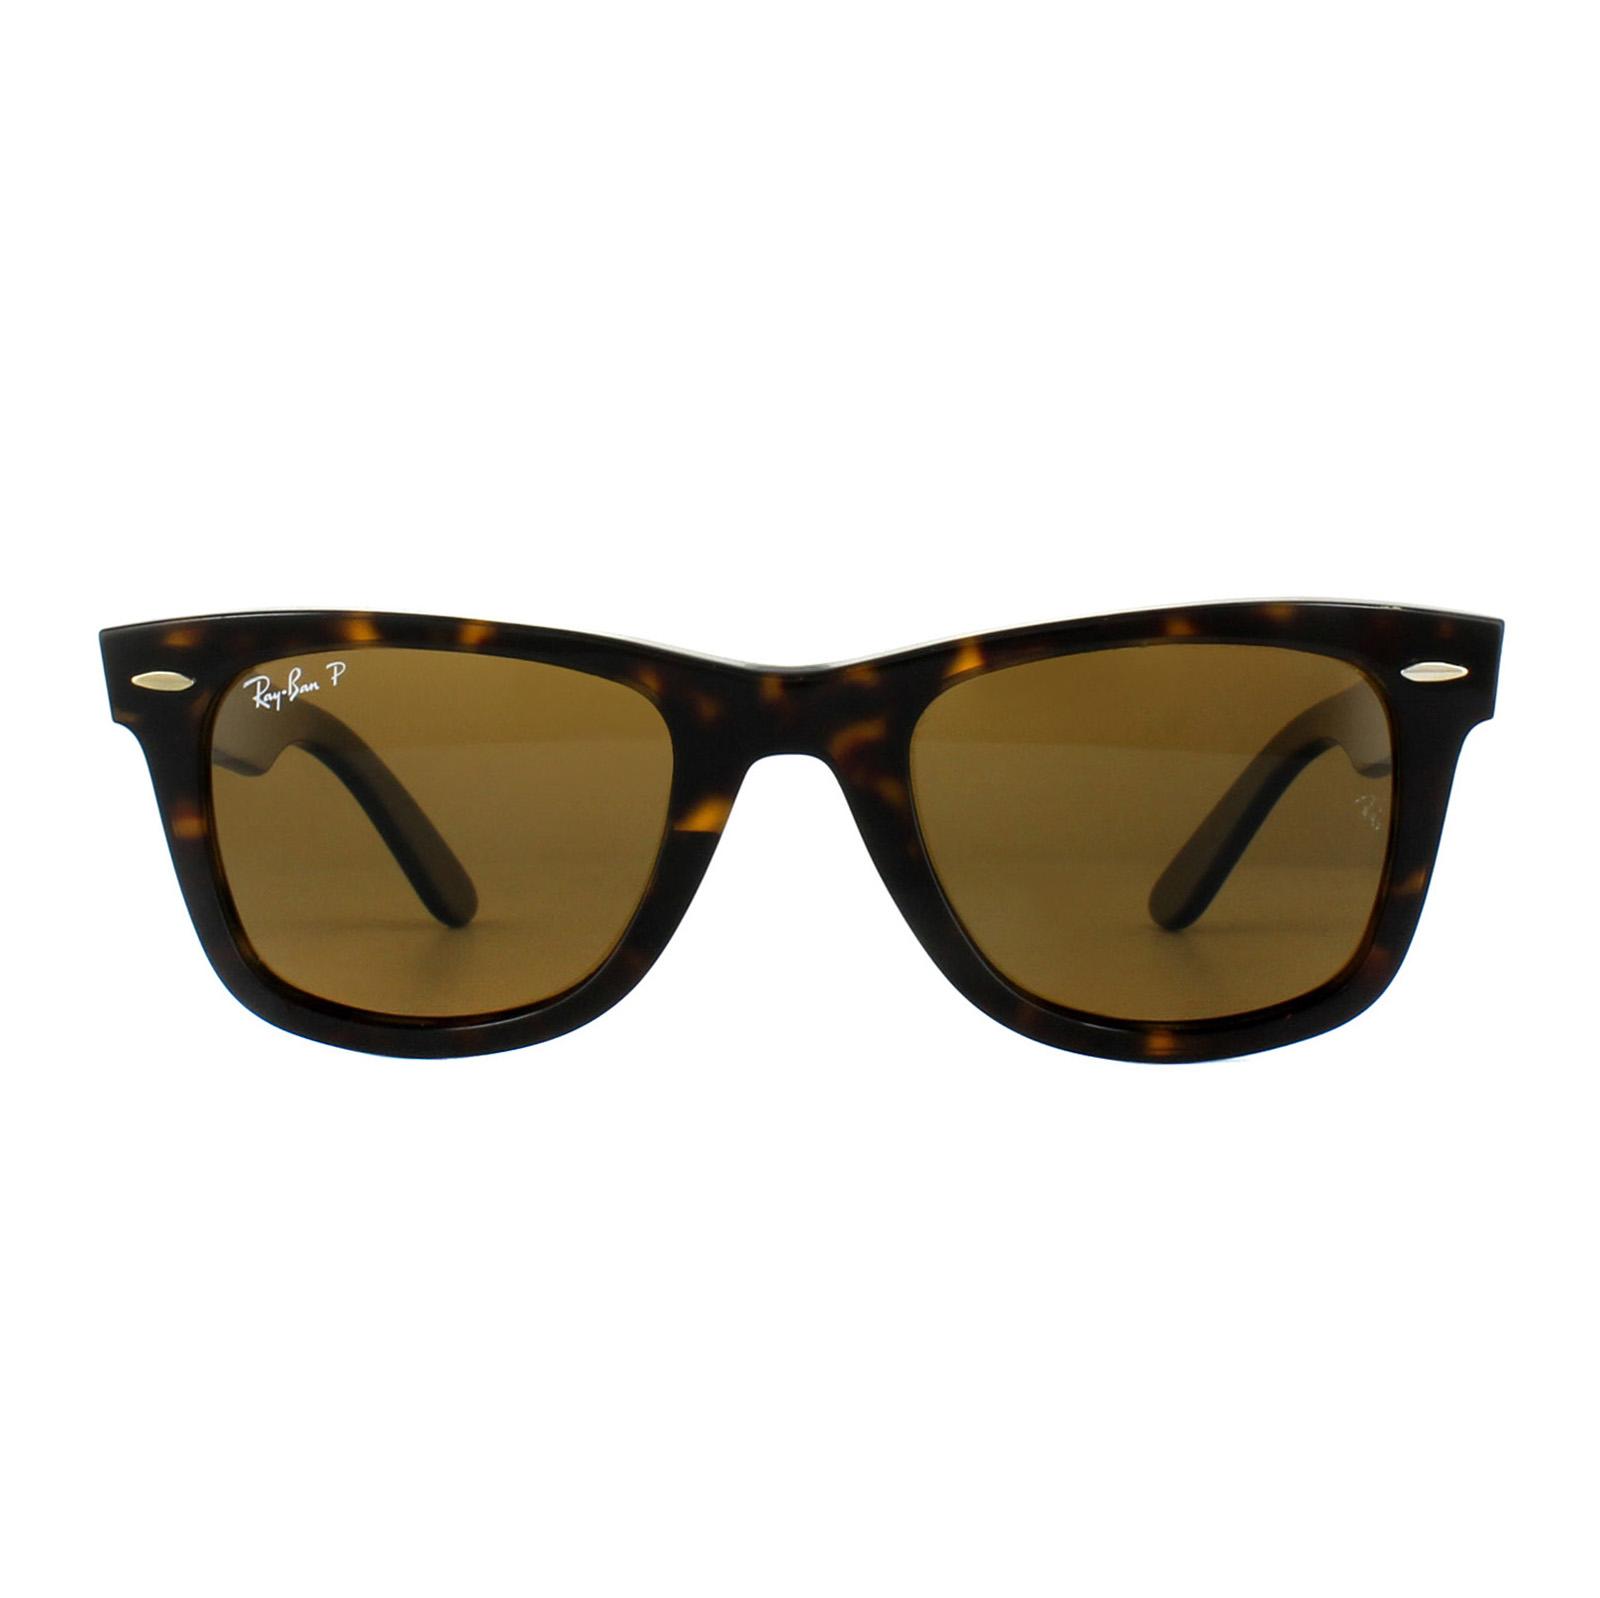 462b14abd SENTINEL Ray-Ban occhiali da sole Wayfarer 2140 tartaruga marrone  polarizzata 902/57 medio 50mm